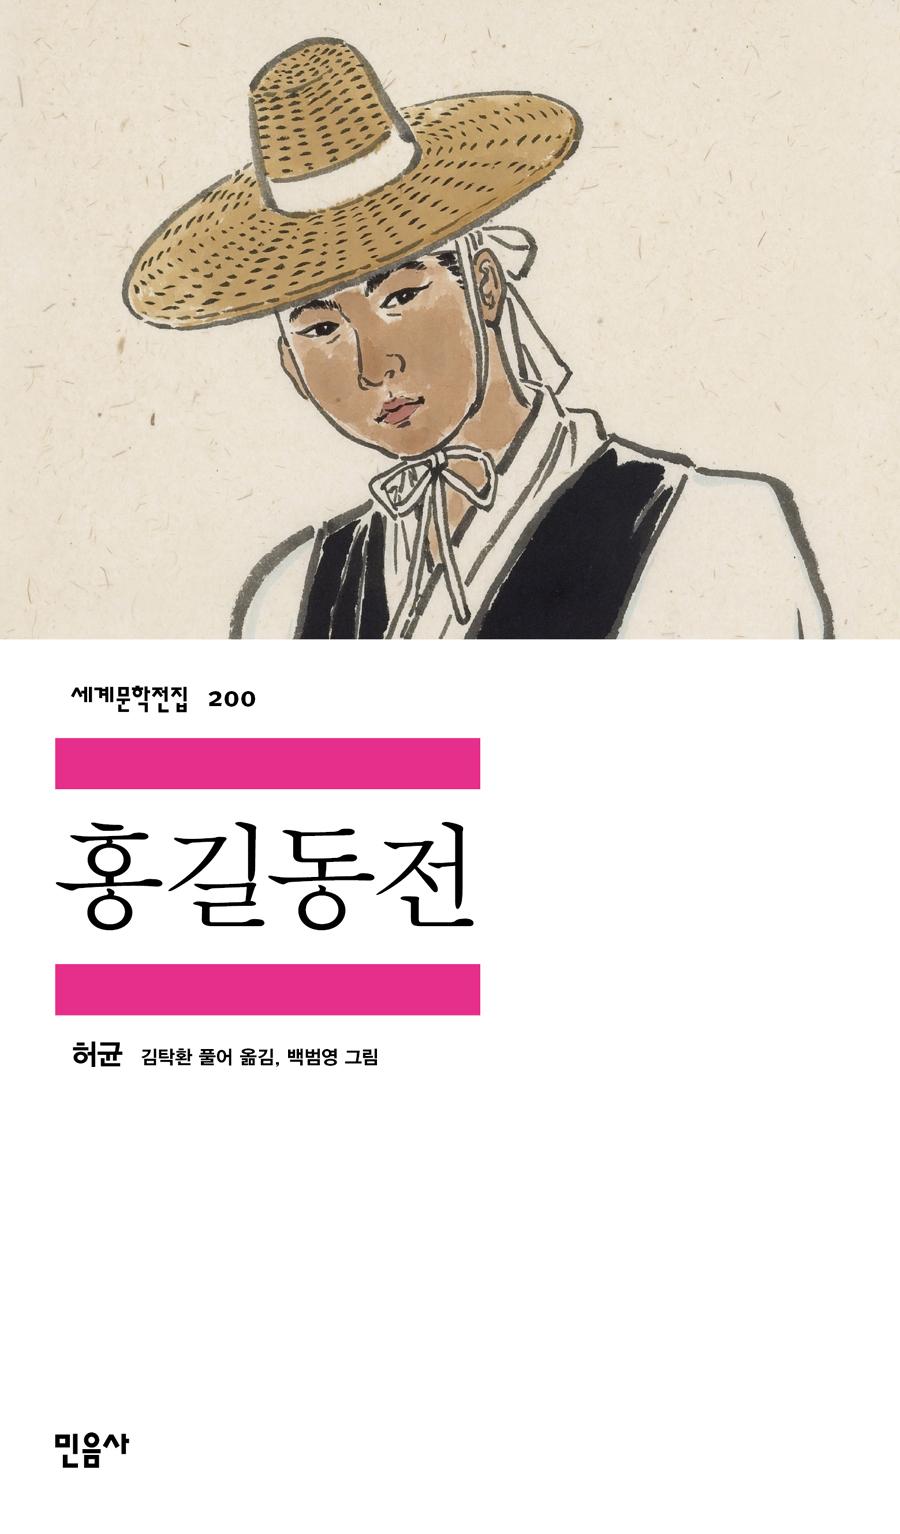 [고전읽기-056] 홍길동전(허균) 민음사 세계문학 200